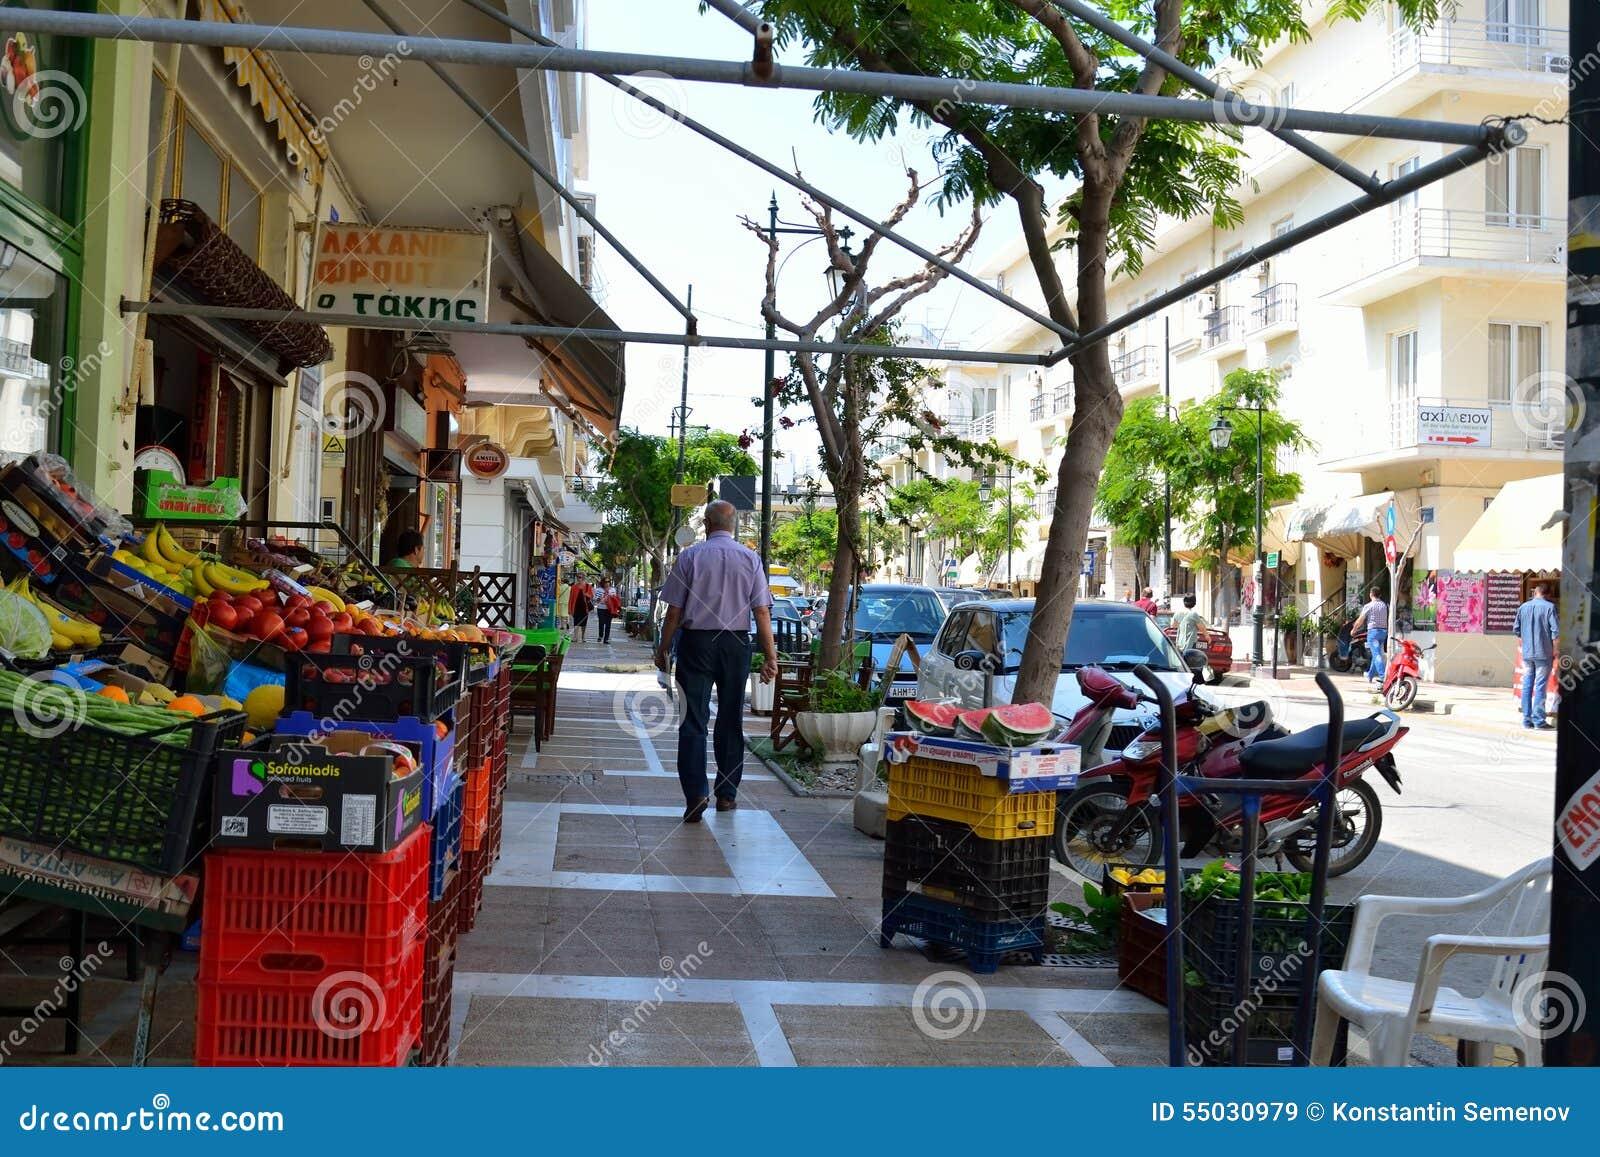 Loja de alimento na rua da cidade de Loutraki